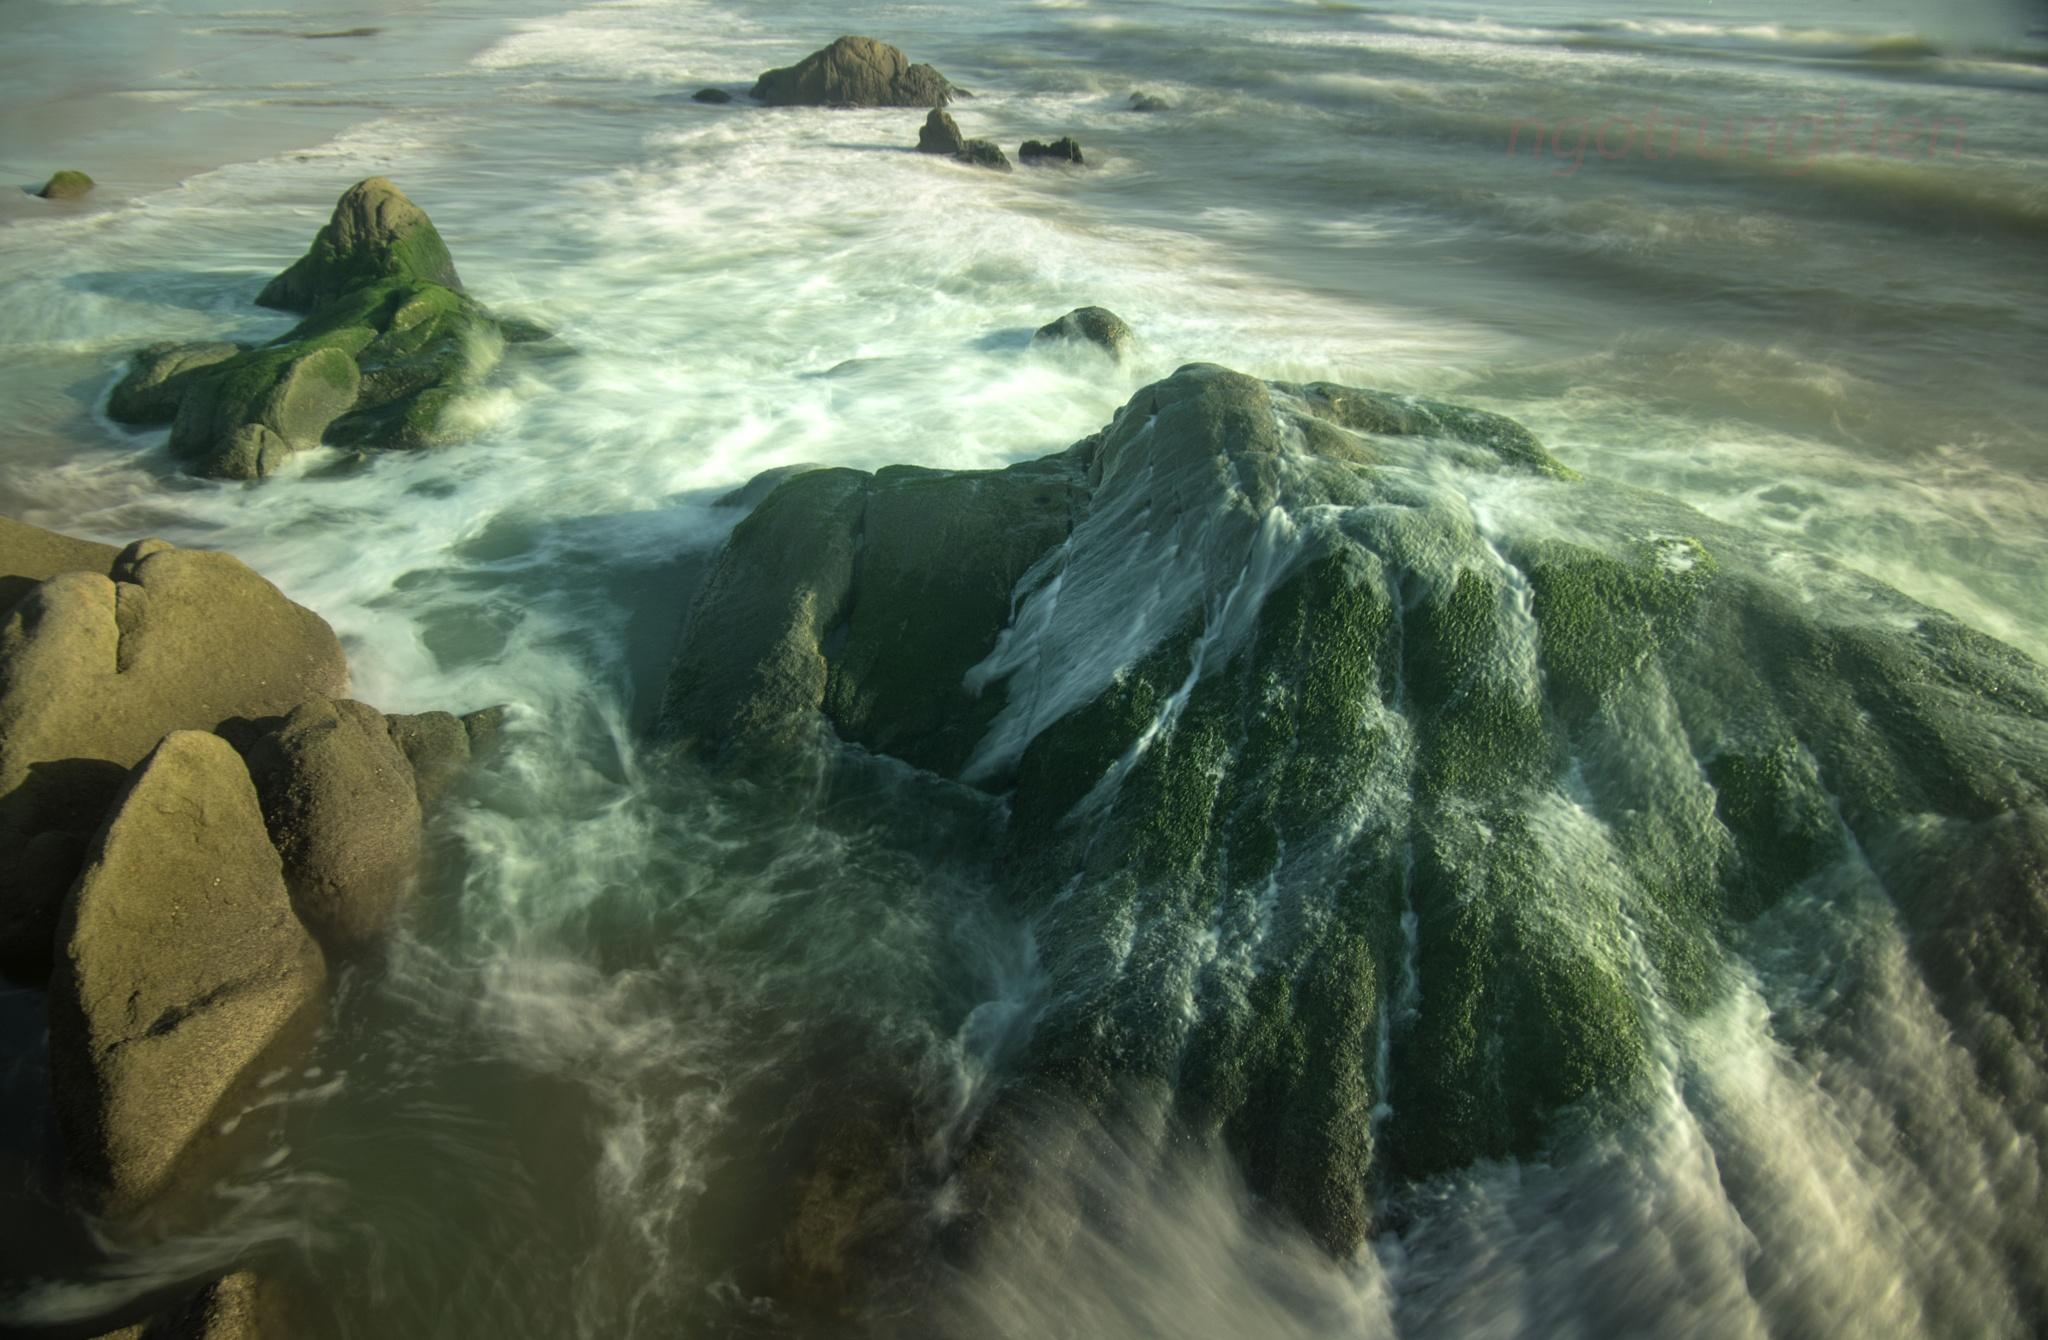 rock on the sea by kienngotrung18